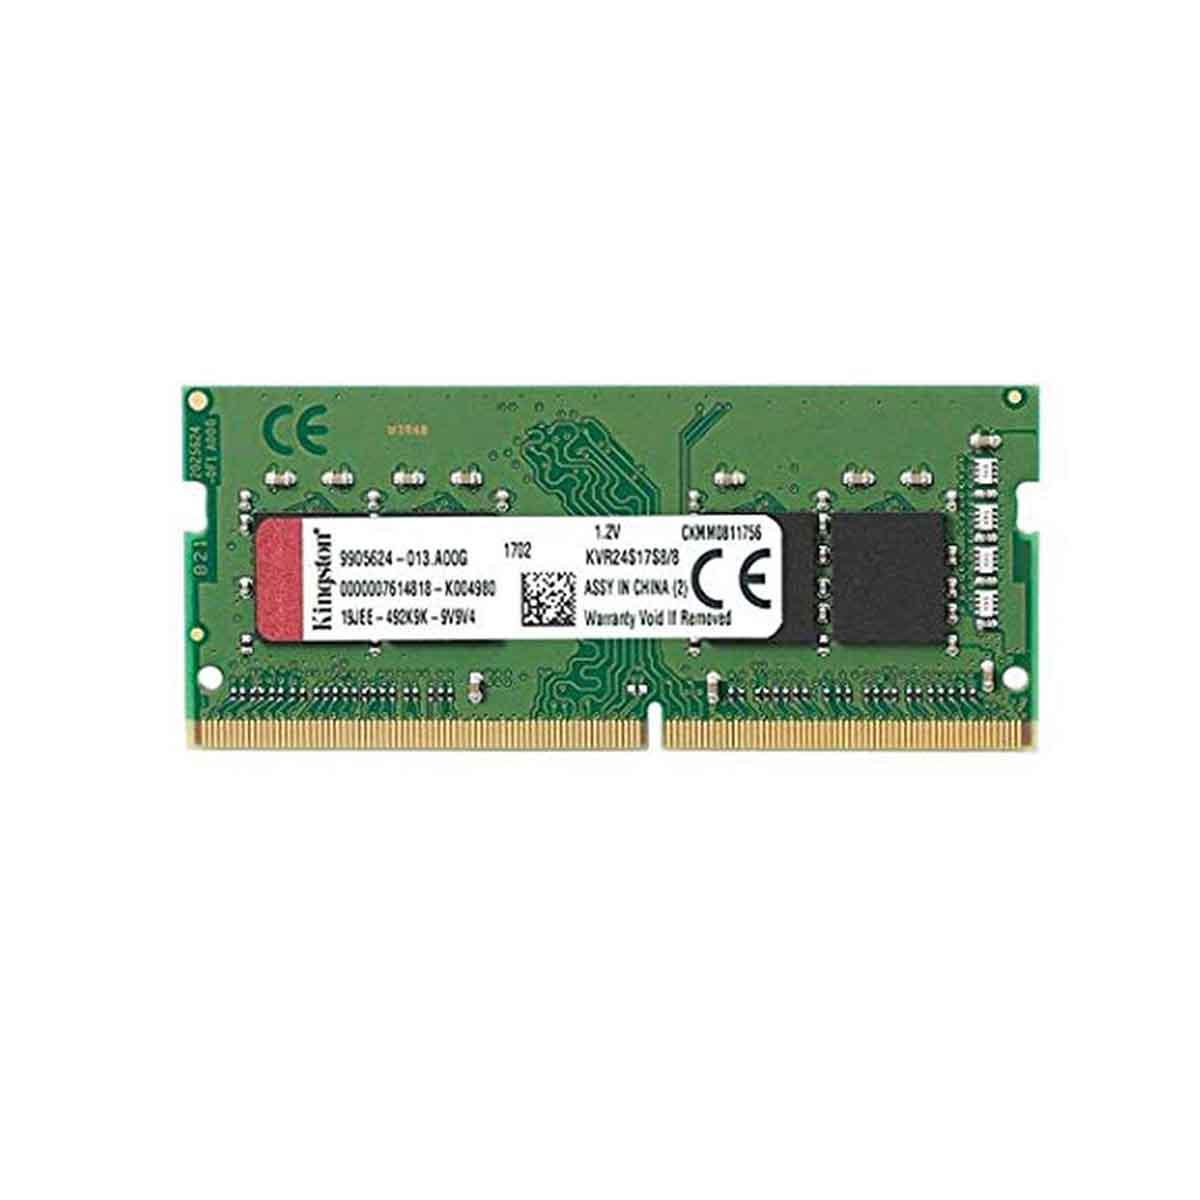 MEMORIA KINGSTON 8 GB DDR4 2400 Mhz SODIMM KVR24S17S8/8